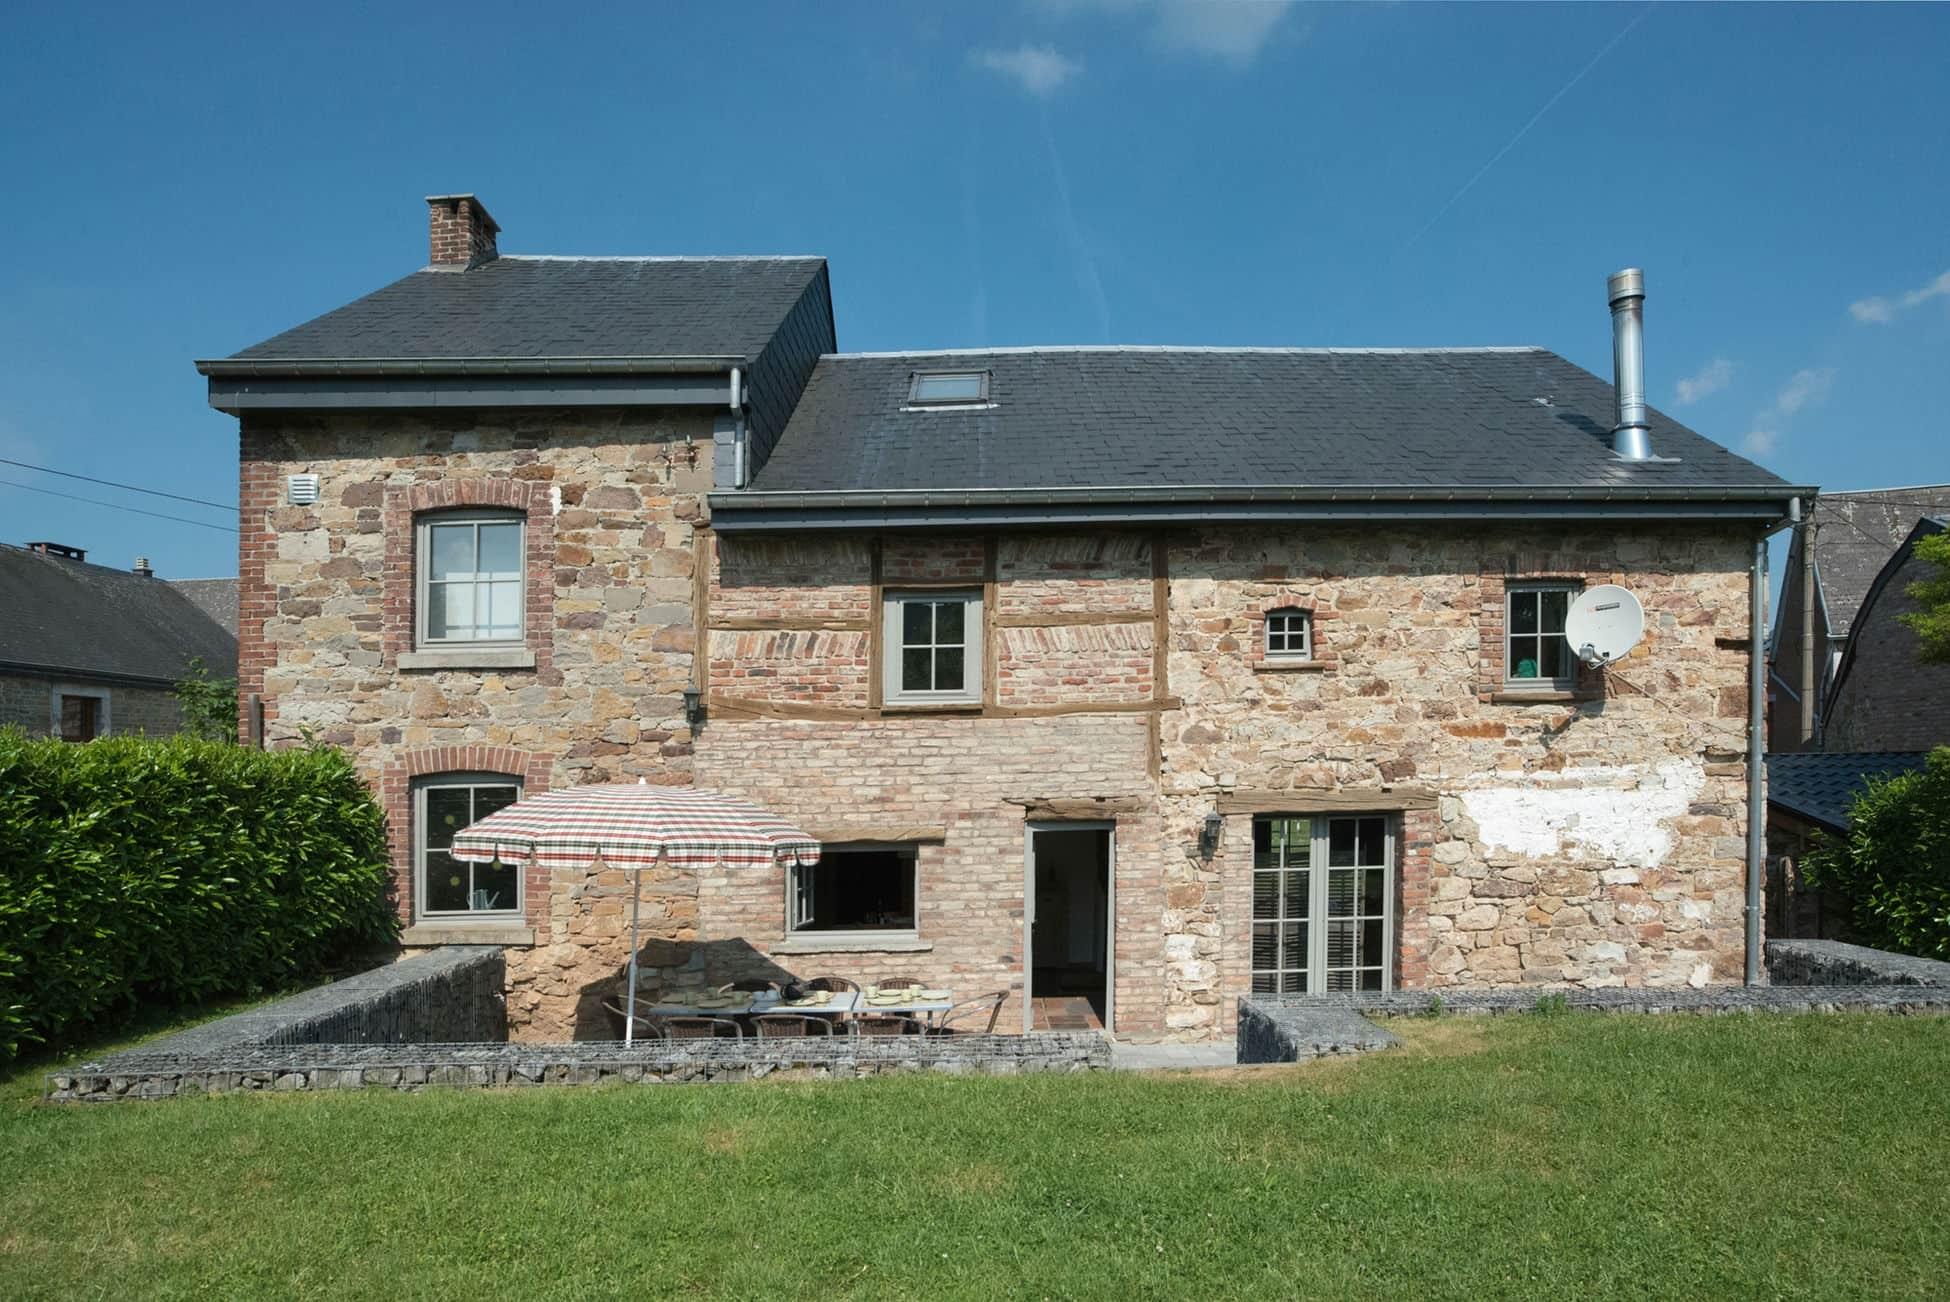 Vakantiehuis België: sfeervol verblijf in de Ardennen